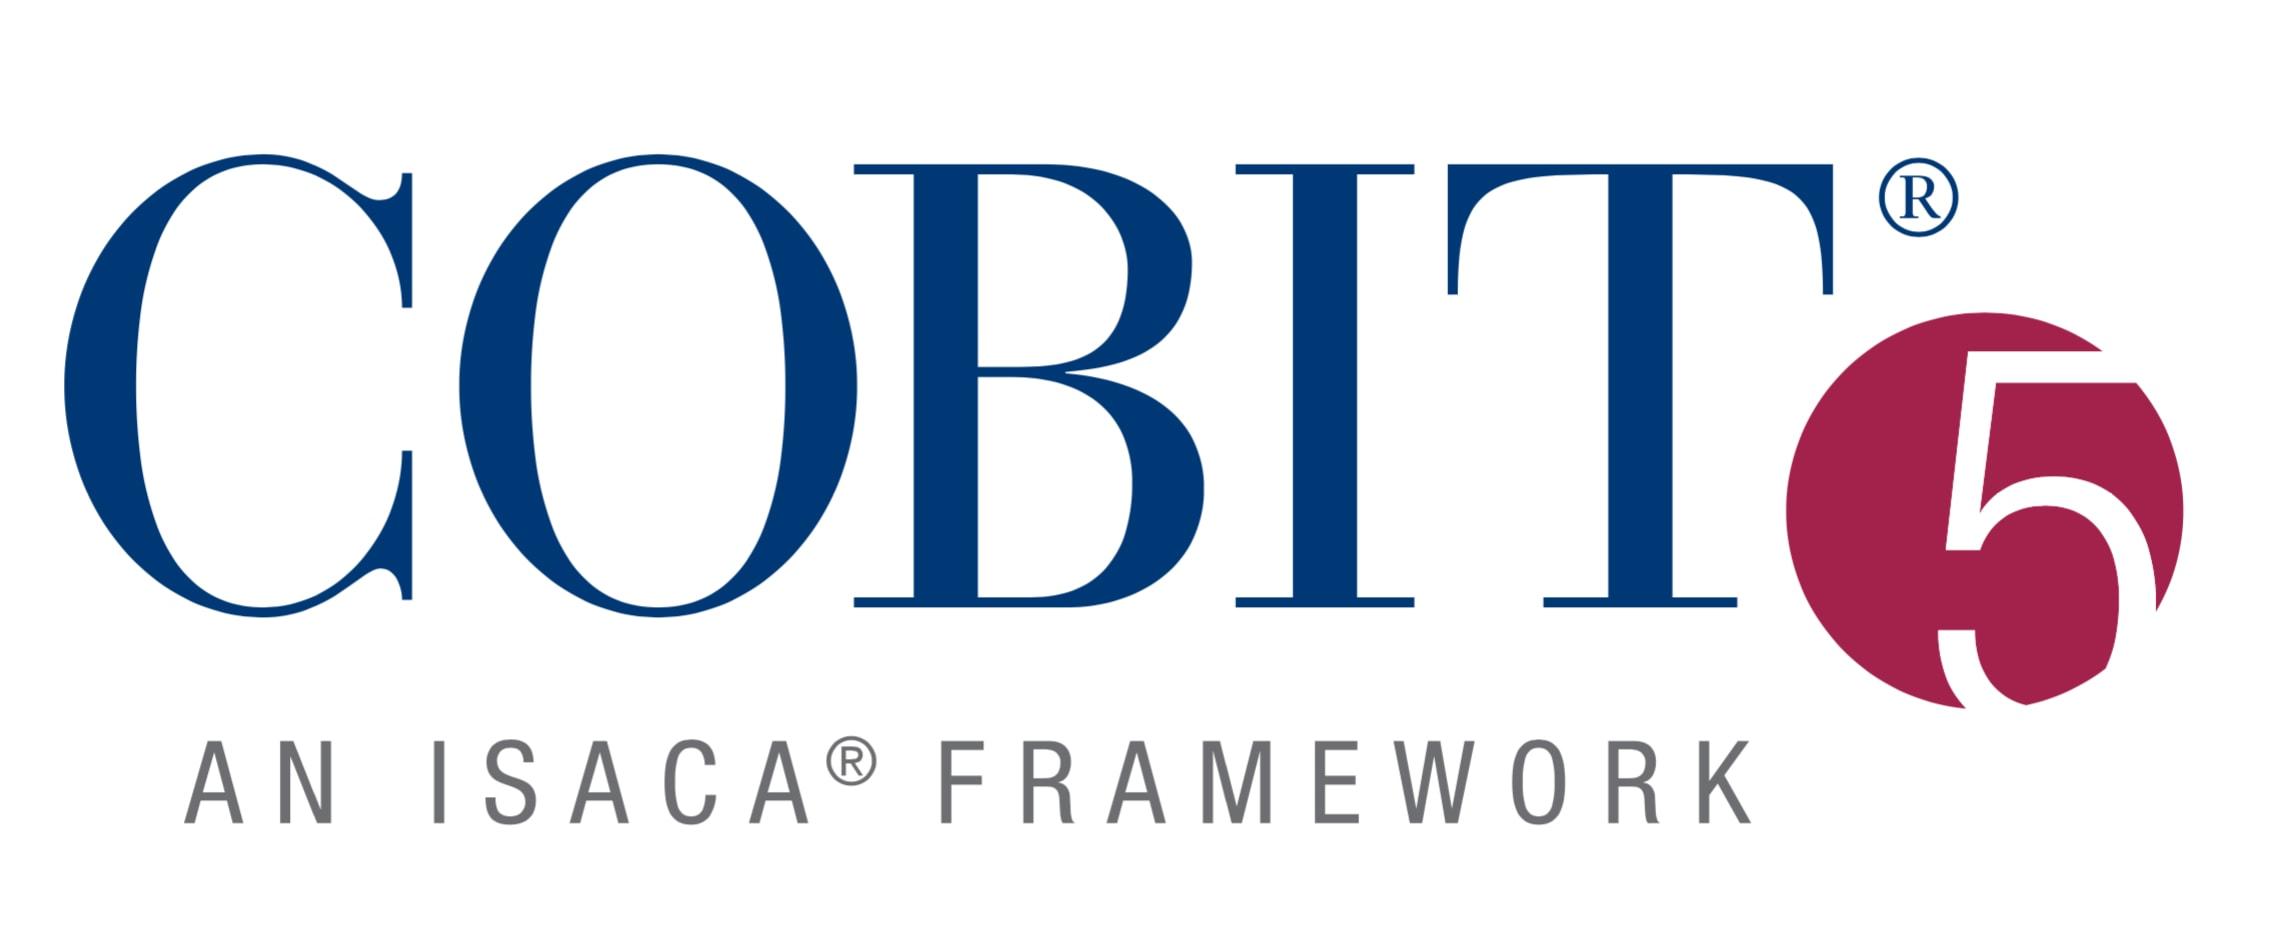 Le framework COBIT5 de l'ISACA